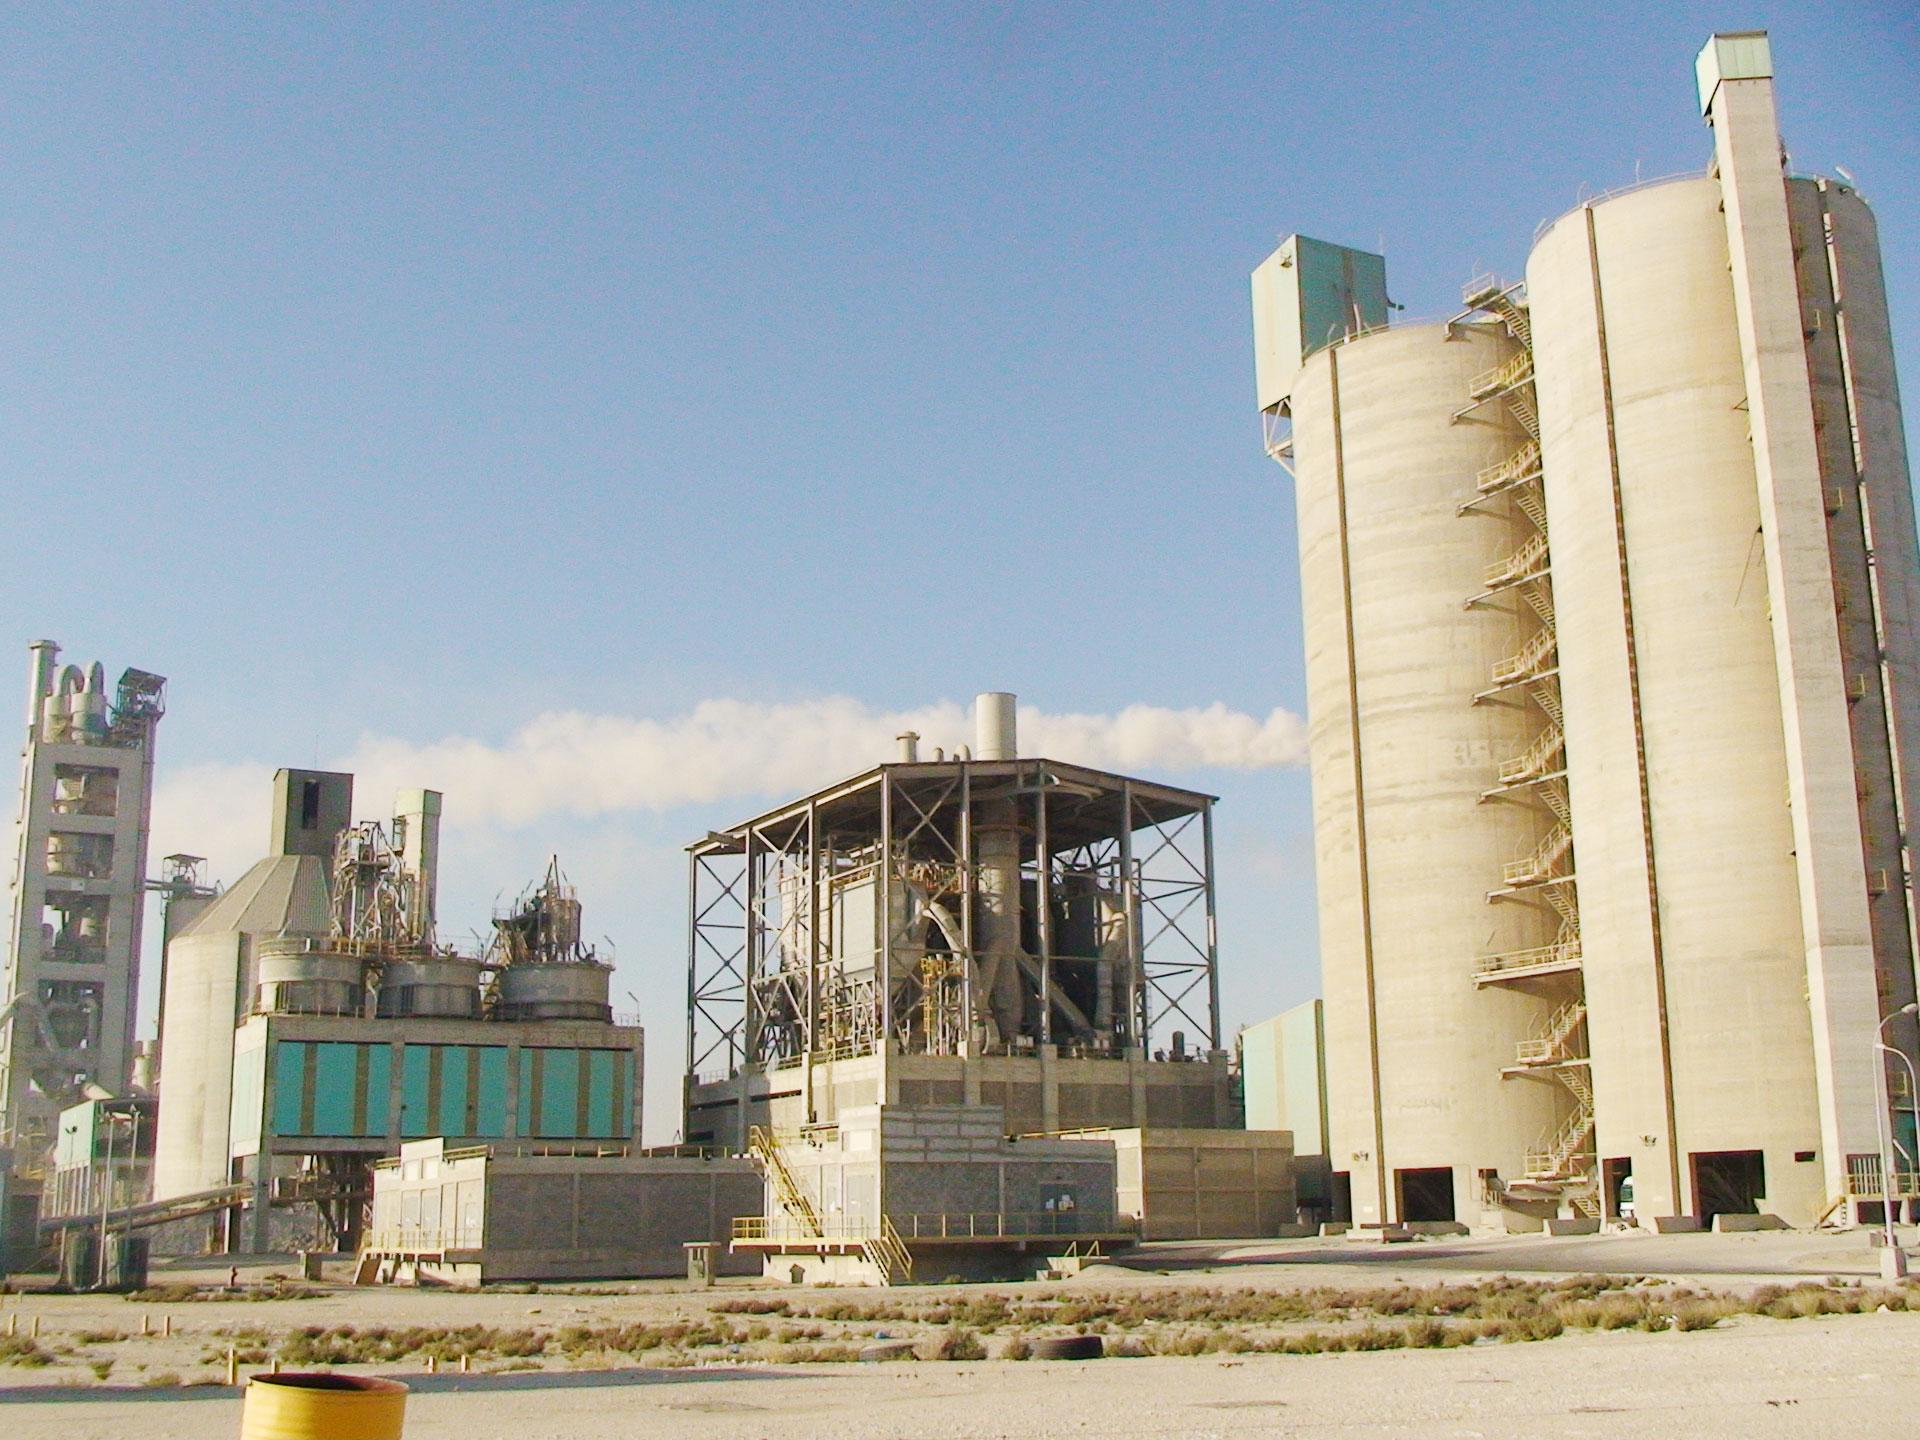 شركة قطر الوطنية لصناعة الاسمنت